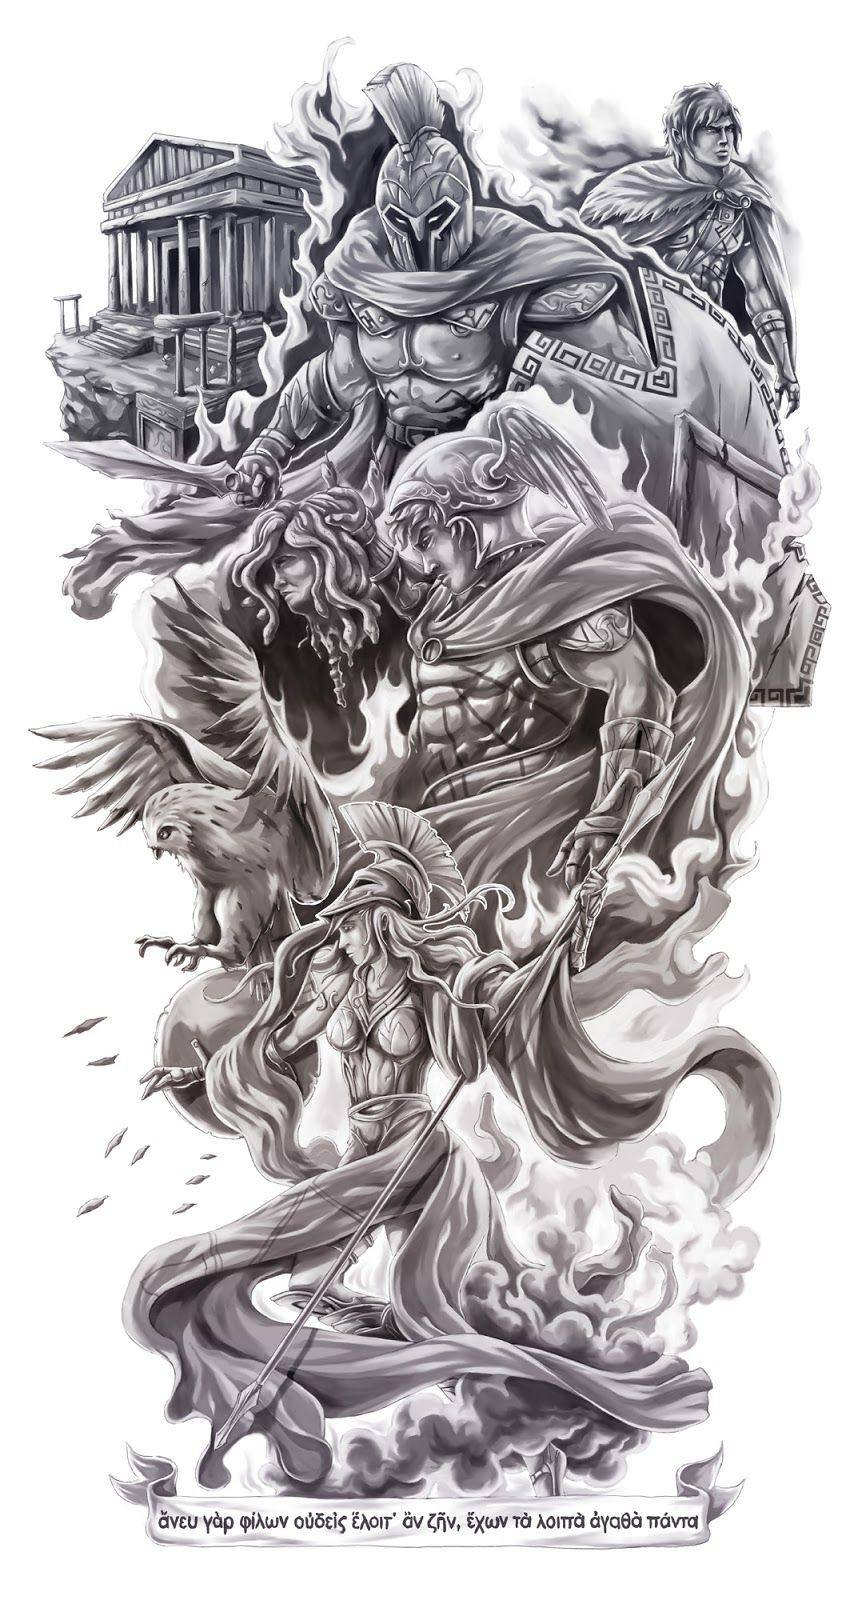 Pin De Gerson Martins Em Desenhos Futuros Tatuagem